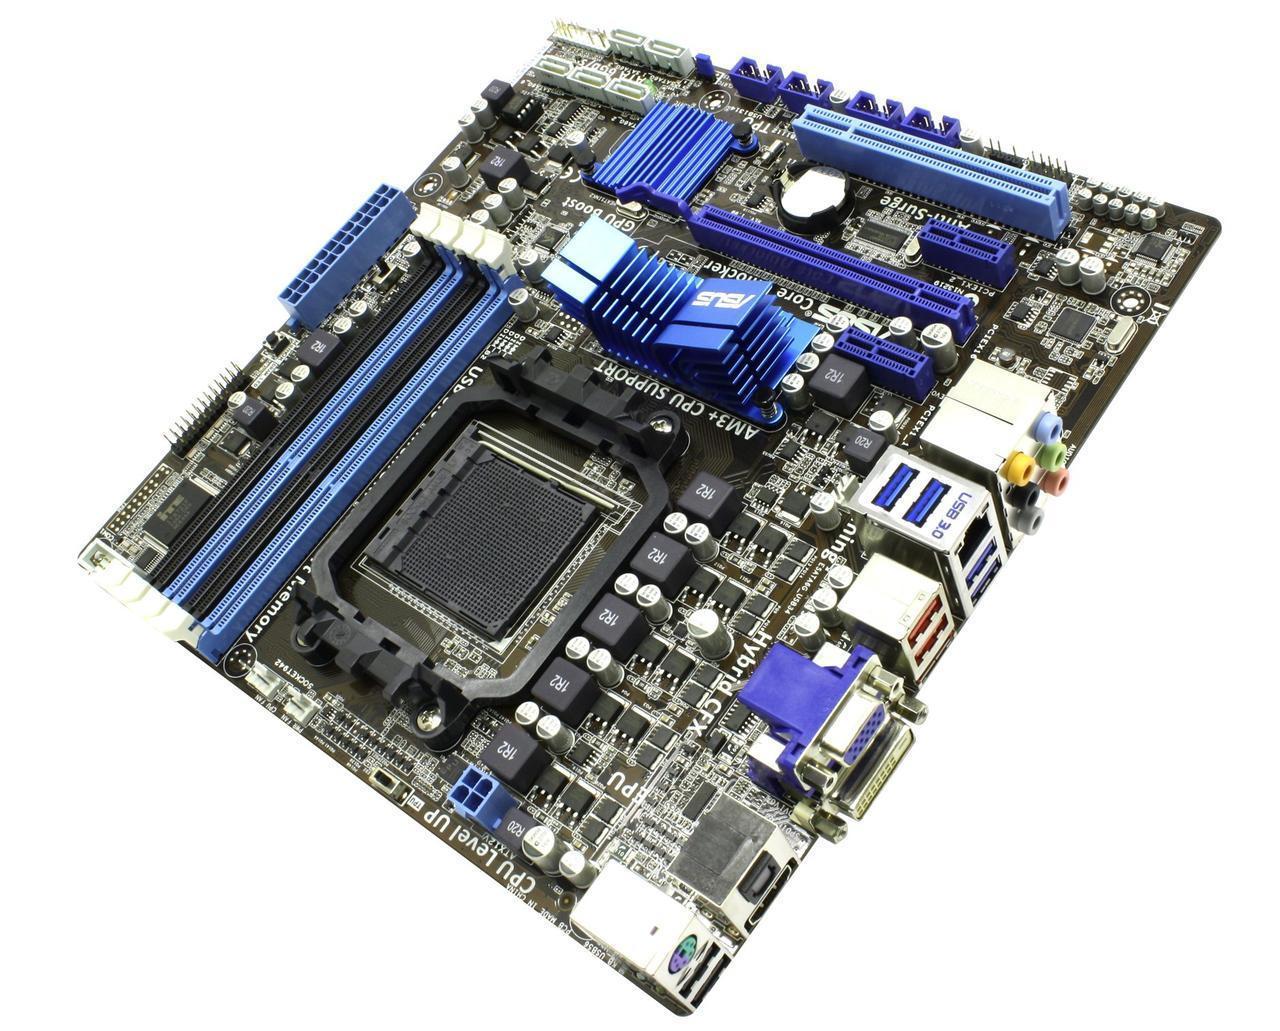 Материнская плата, Asus M5A88-M EVO, процессор Amd Athlon II, сокет AM3+